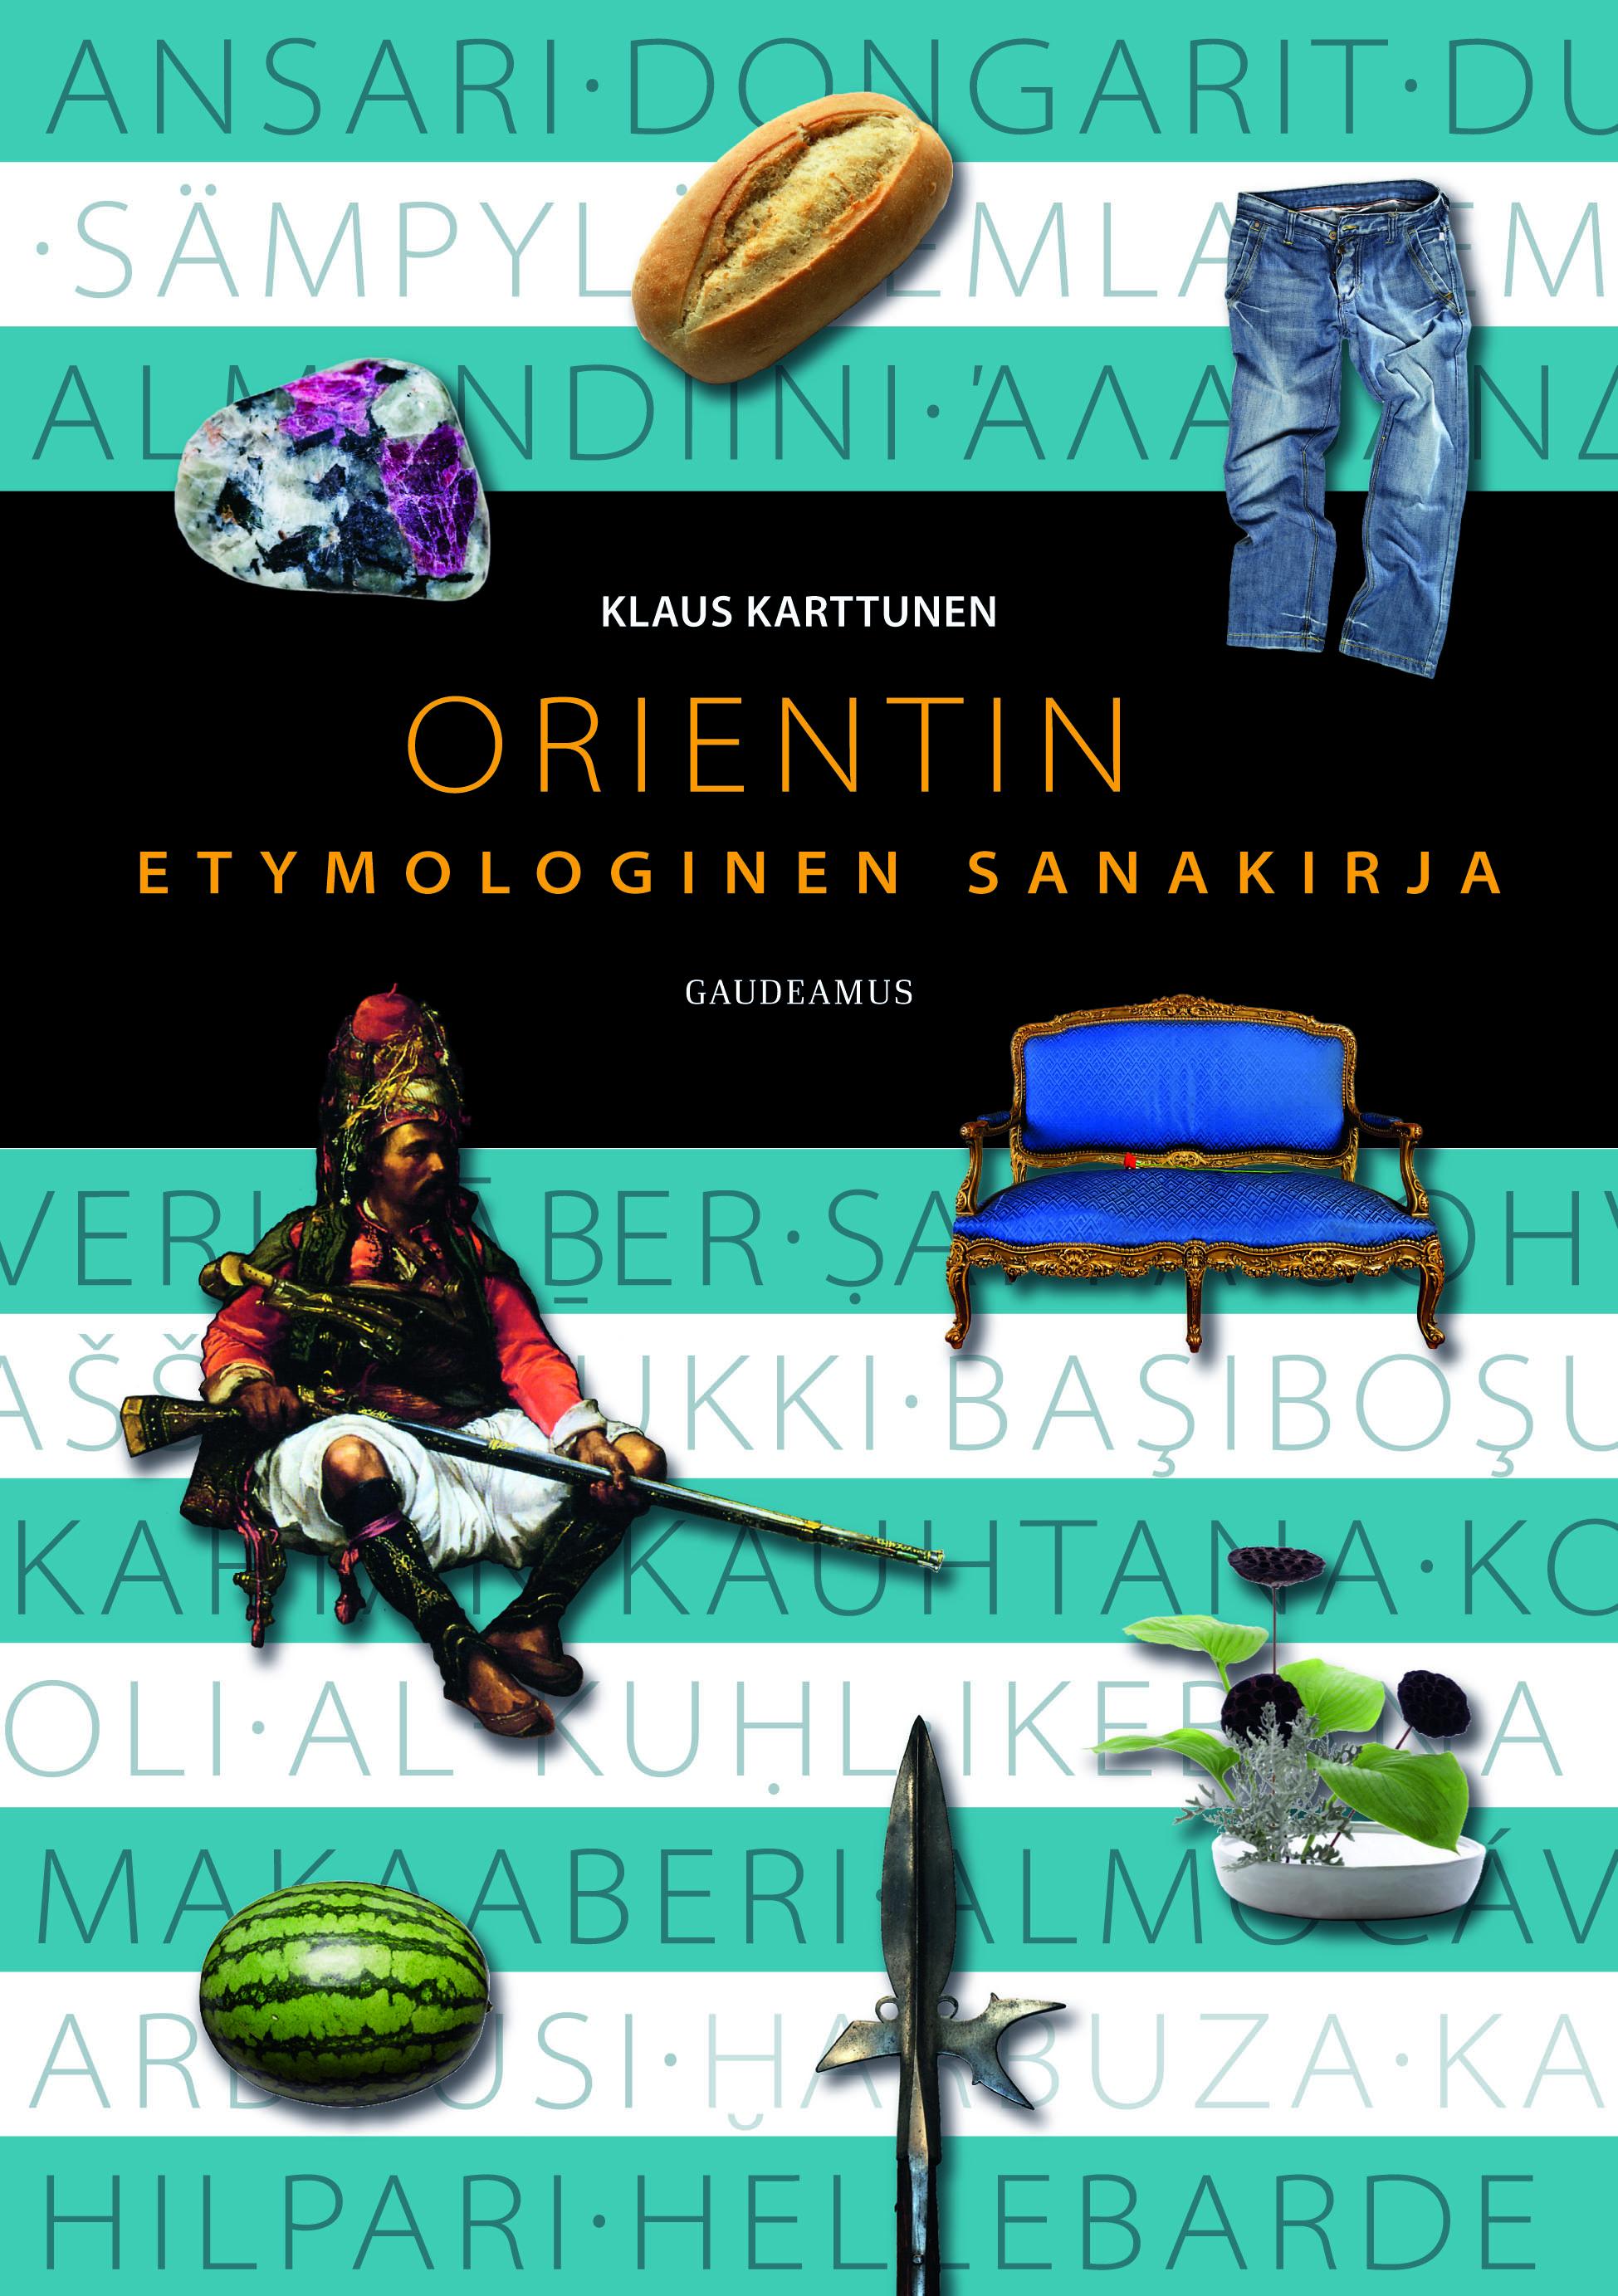 Turkin sanakirja